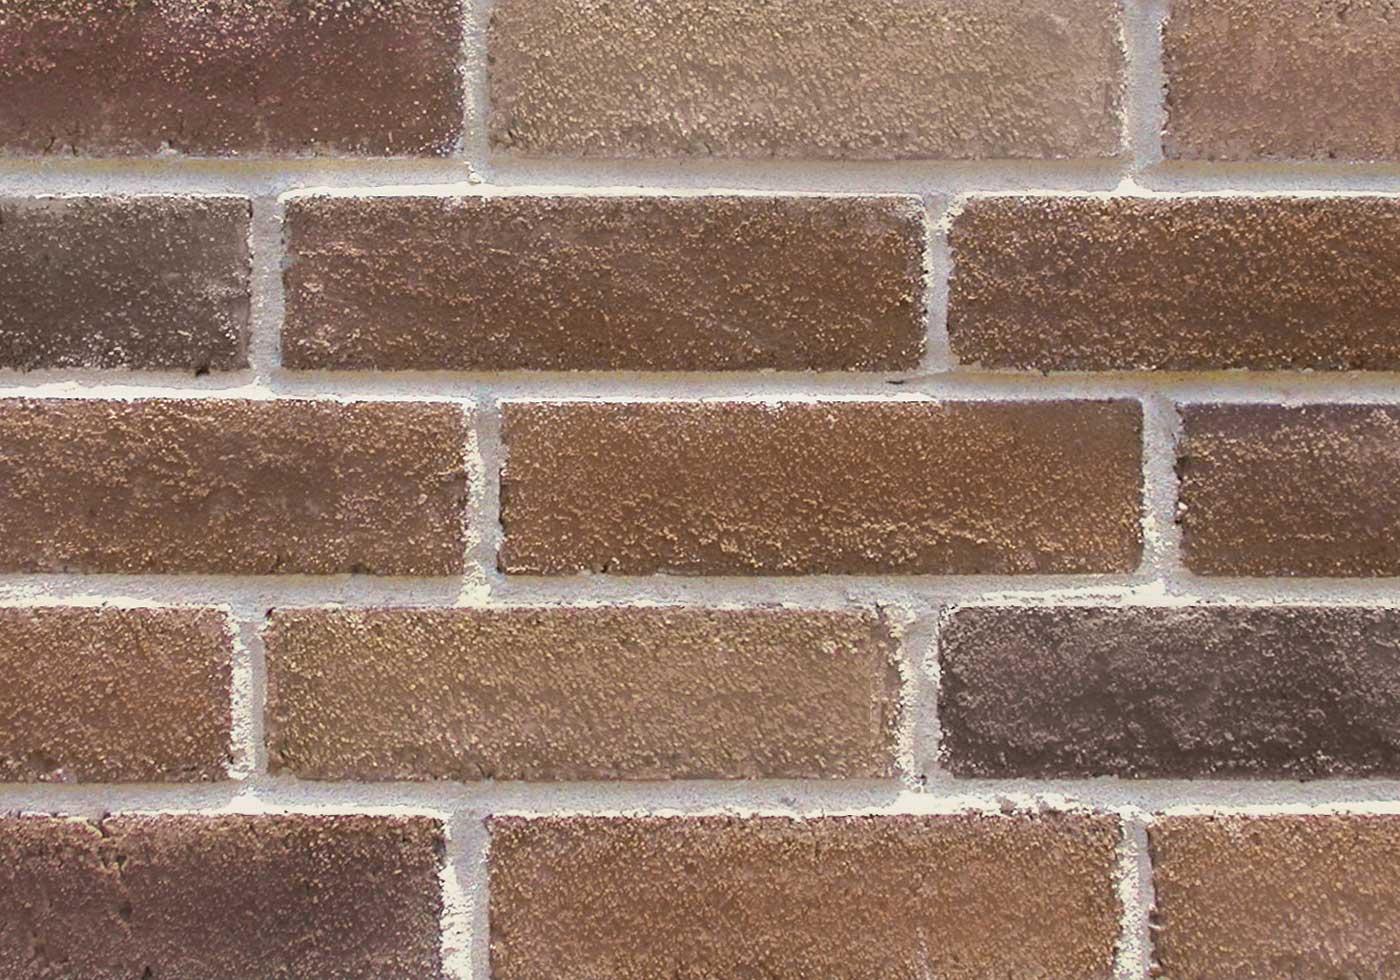 Foxboro brick close-up